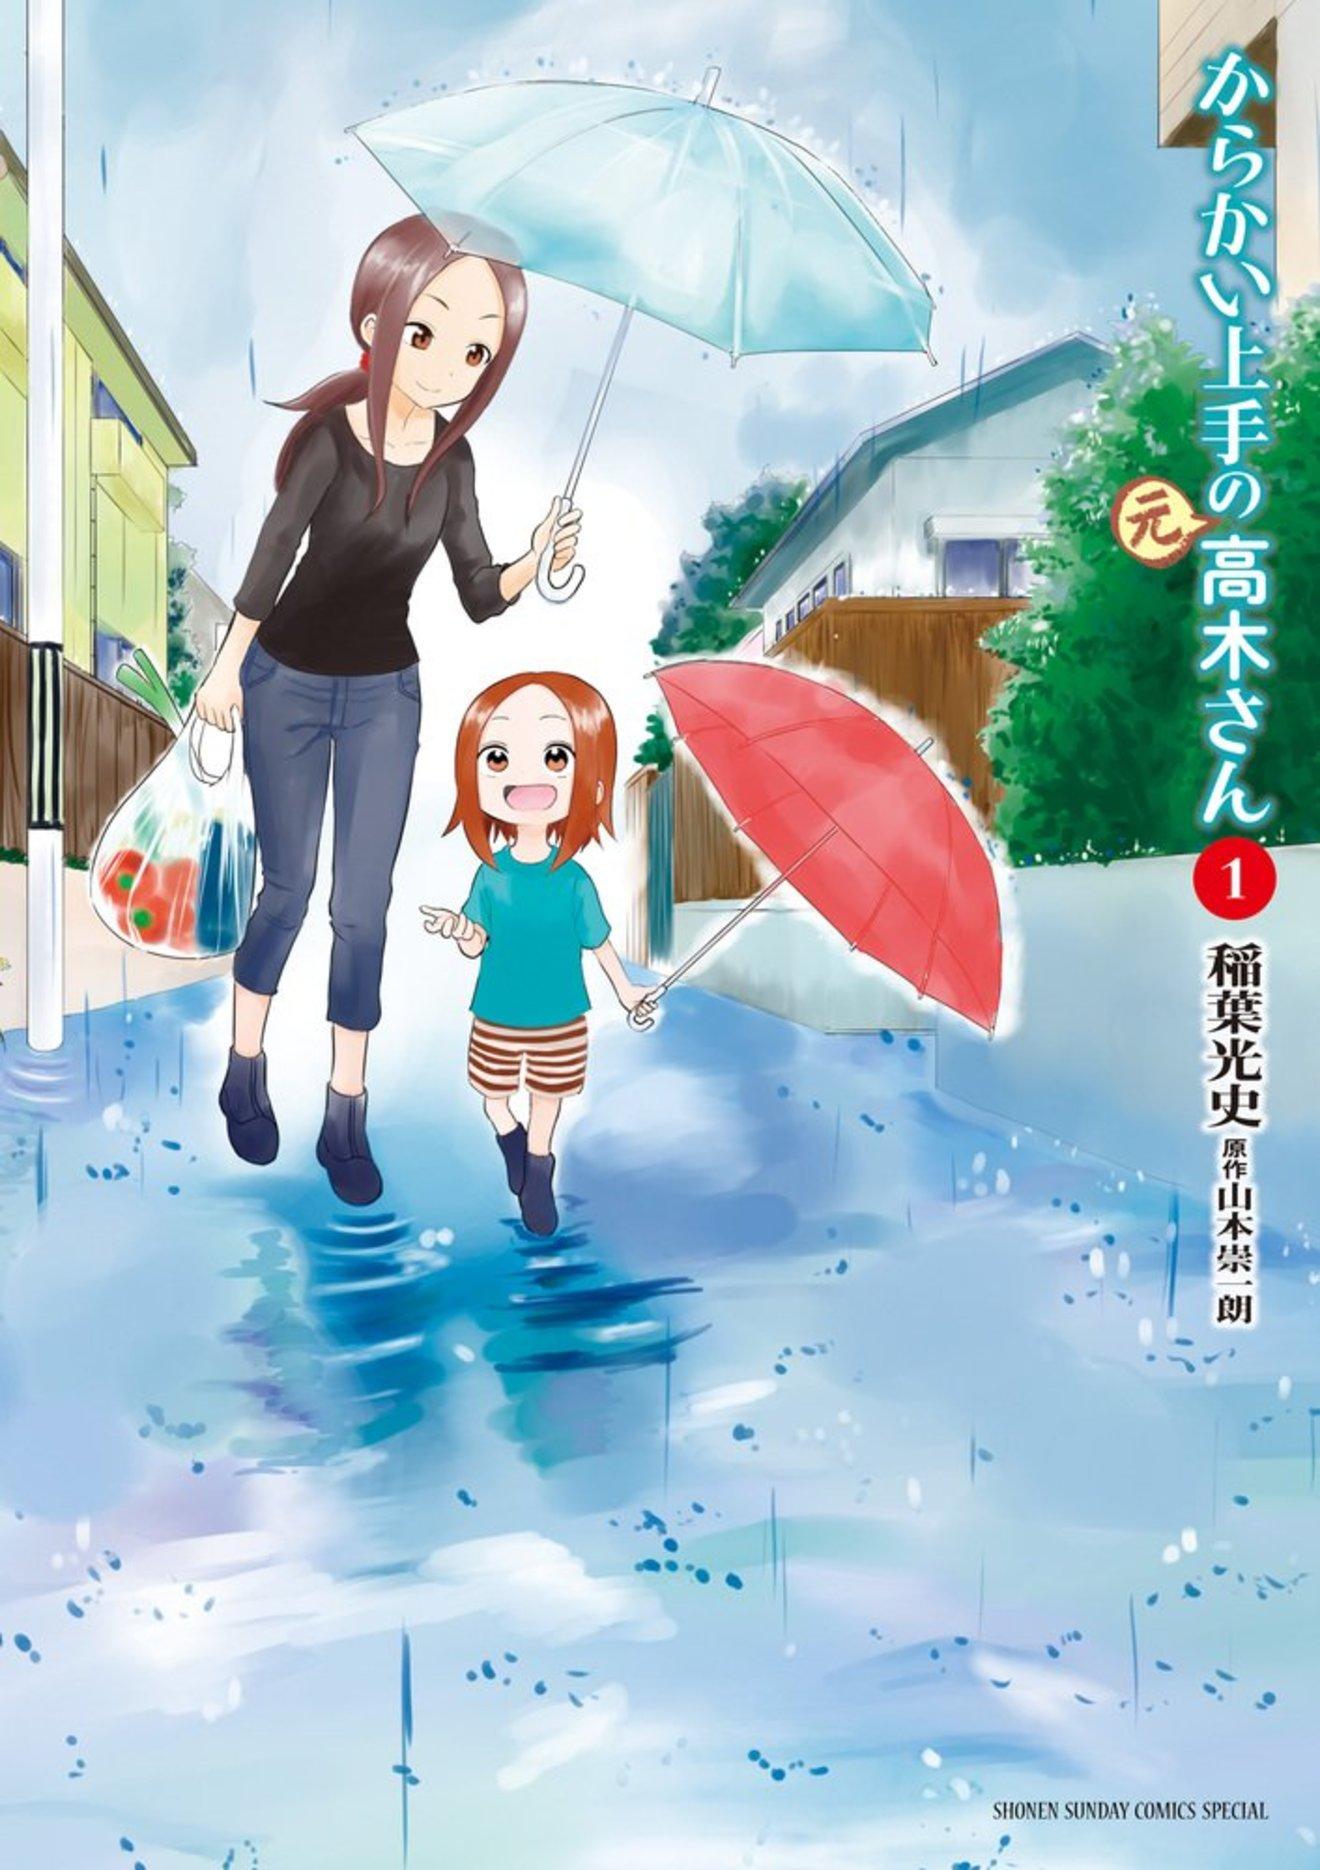 無料で読める『からかい上手の(元)高木さん』の魅力をネタバレ紹介!